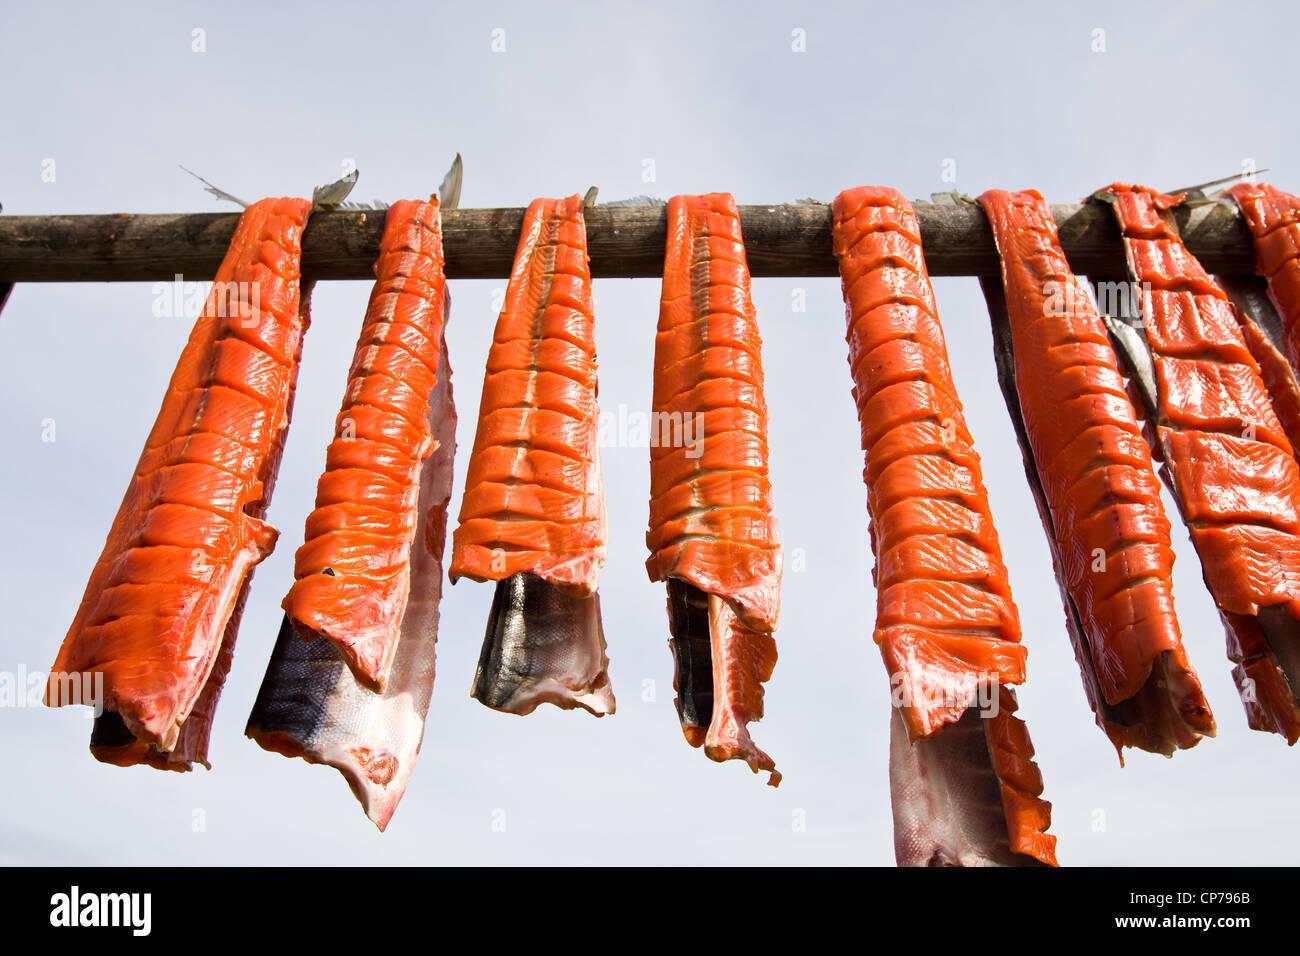 Dietas atrapados Bristol Bay salmón Sockeye secando en un rack, Iliamna, Suroeste de Alaska, Verano Imagen De Stock